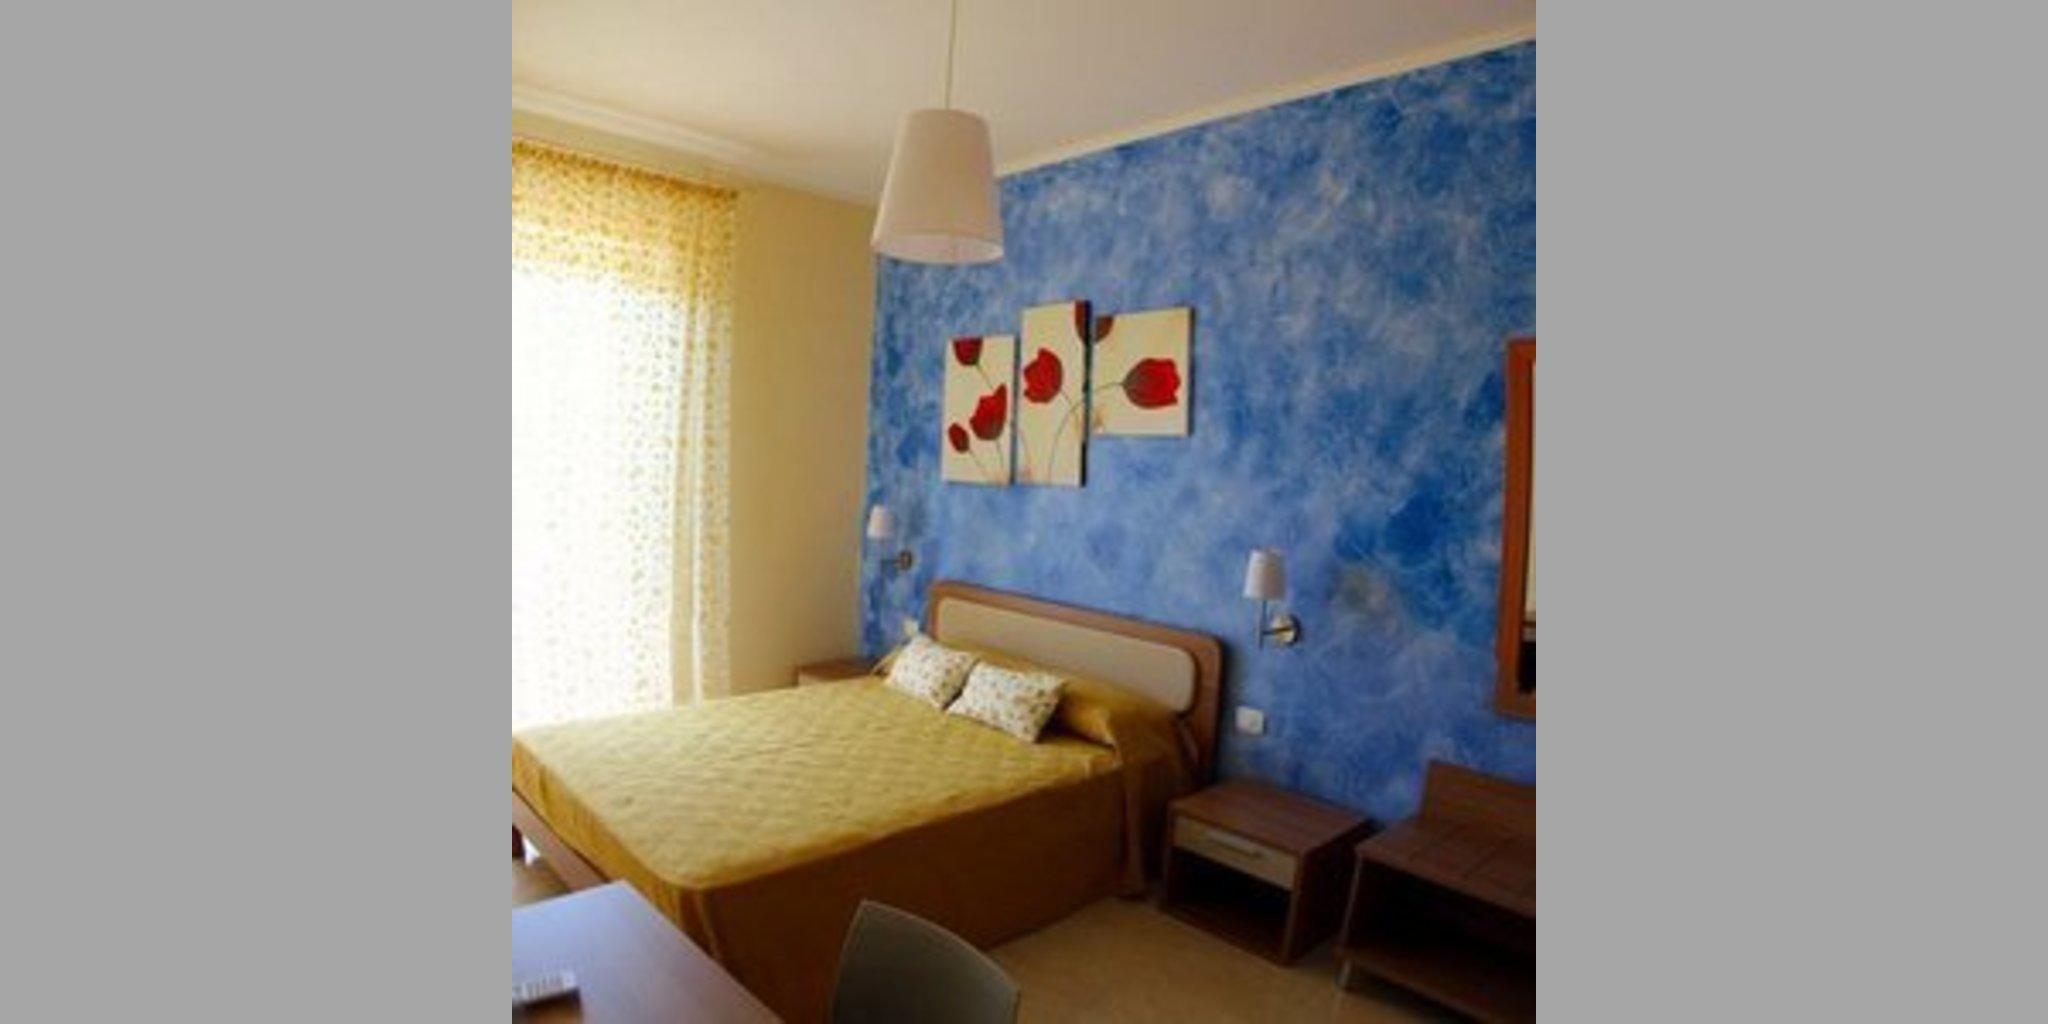 Bed & Breakfast Morciano Di Leuca - Morciano